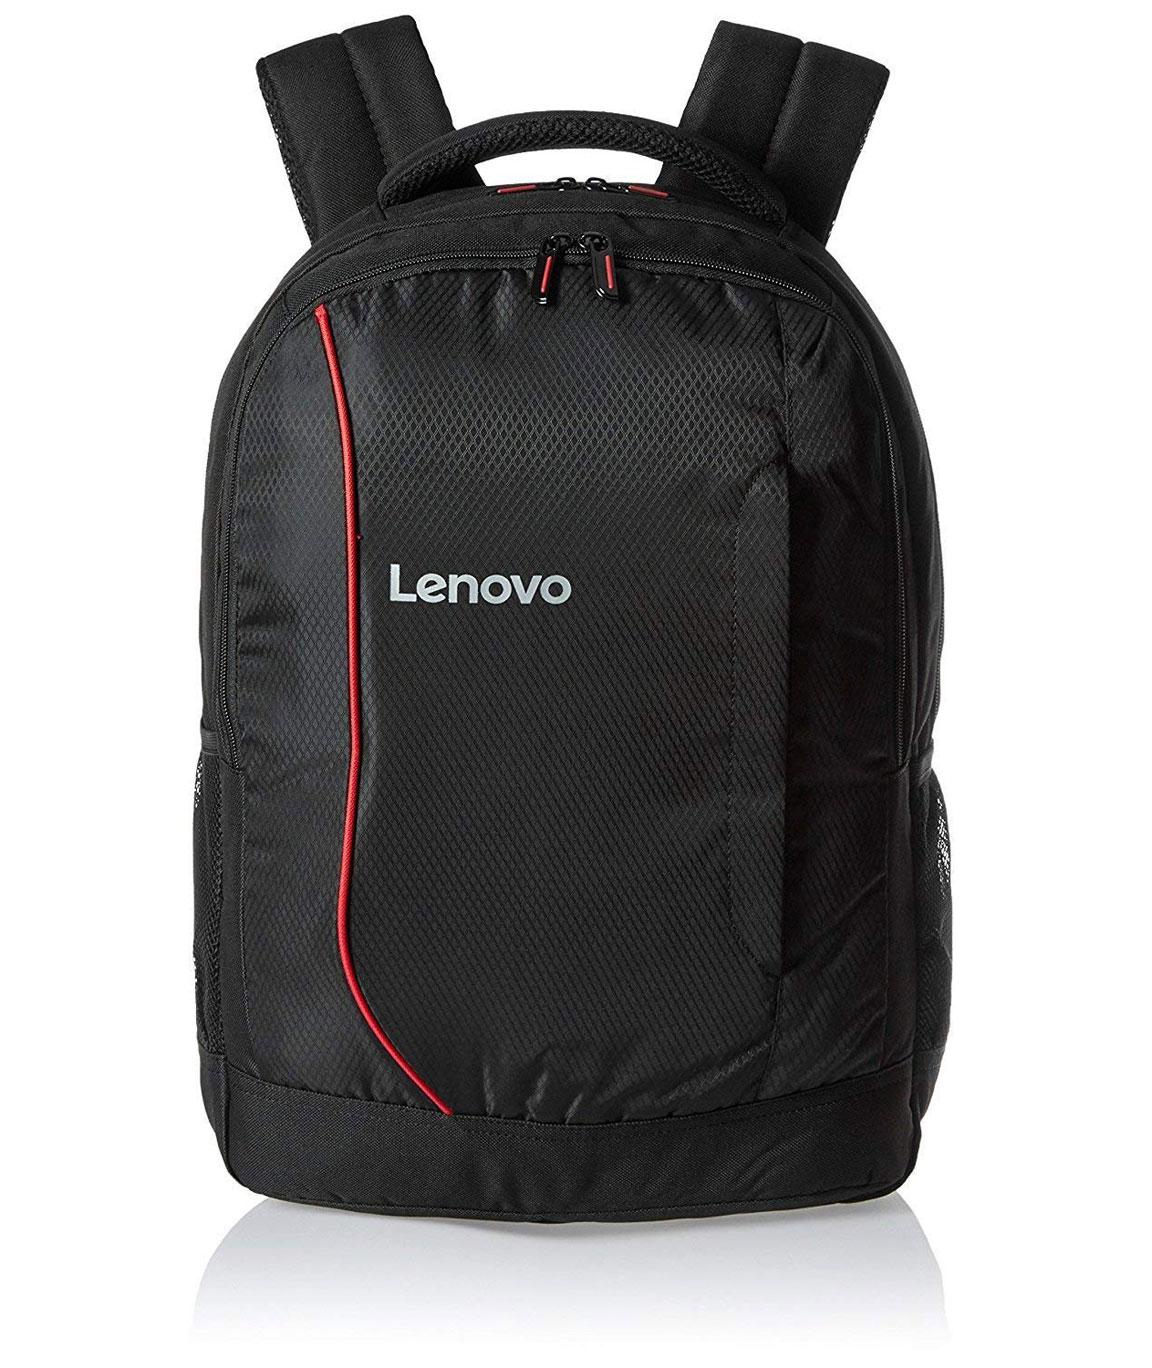 Lenovo 15.6 inch Laptop Bag